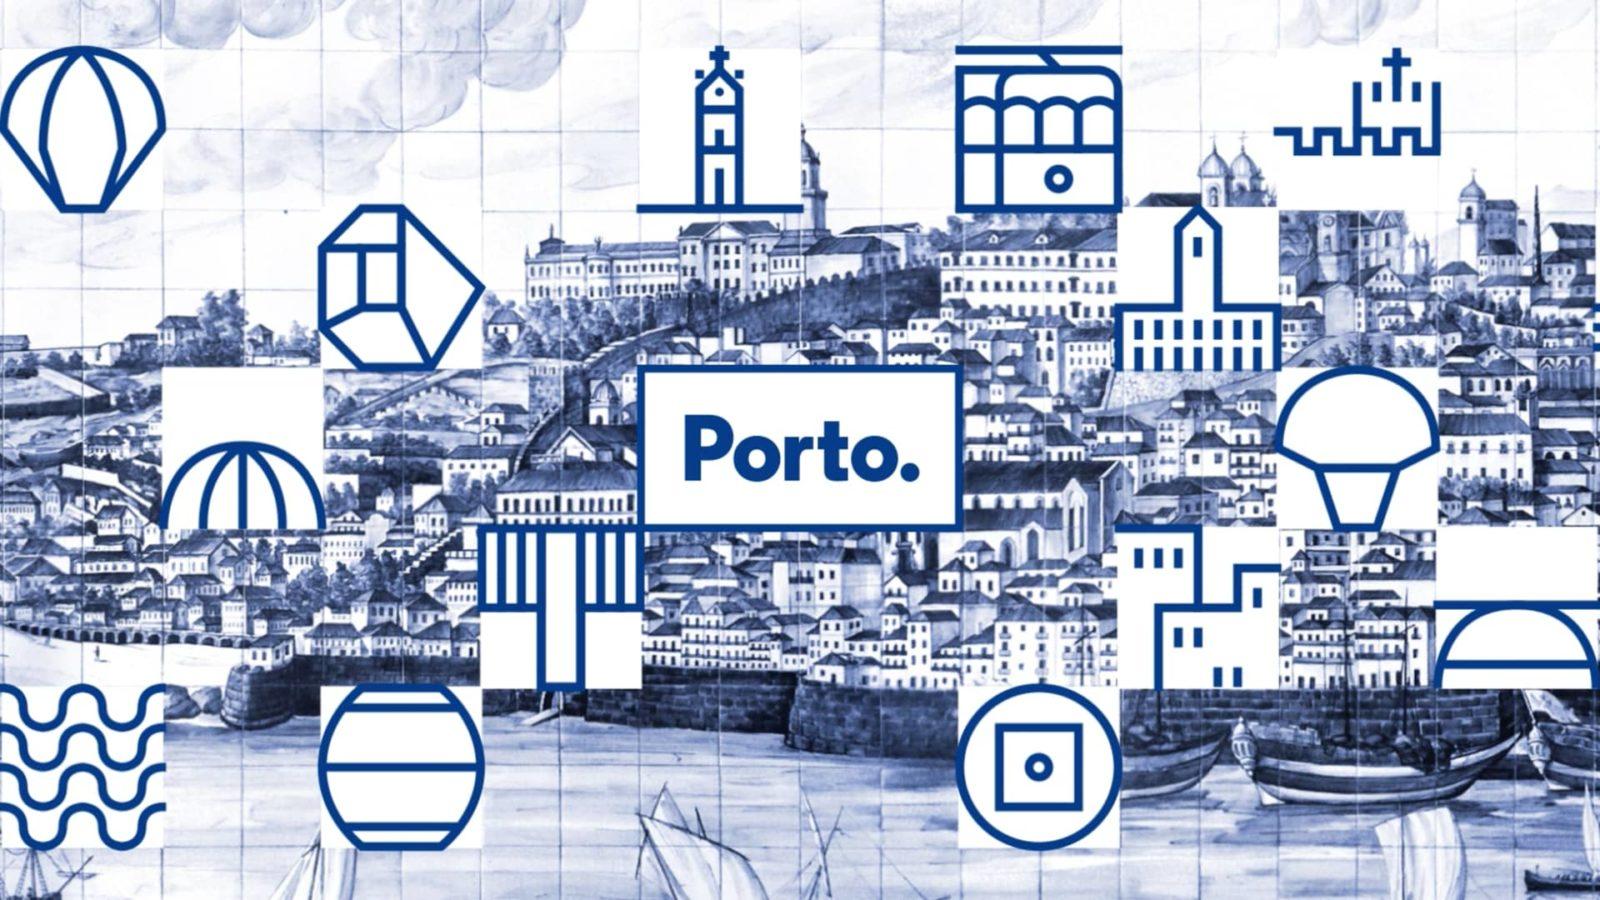 Las 4 ciudades que mejor han trabajado su Place Branding